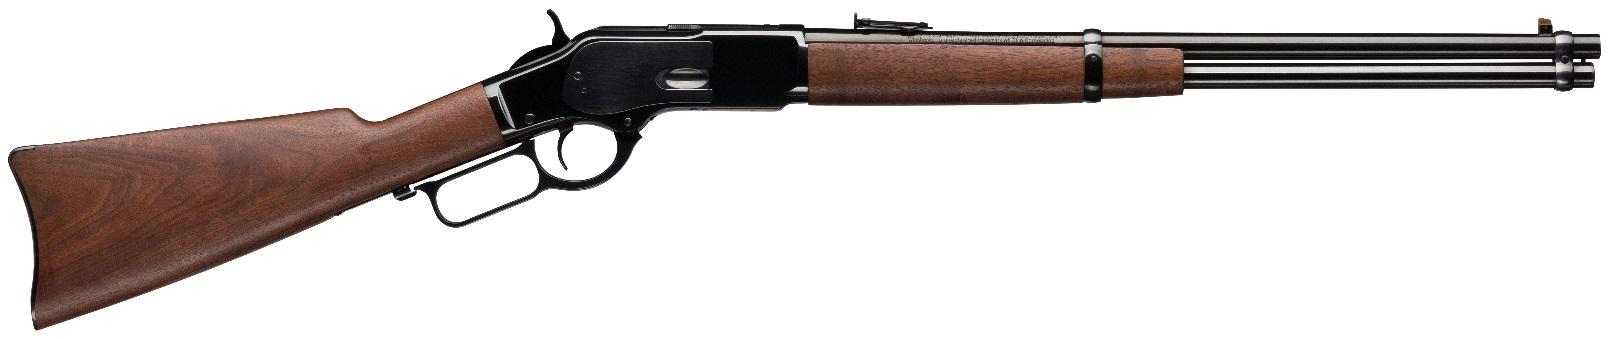 Winchester 1873 Carbine 44-40